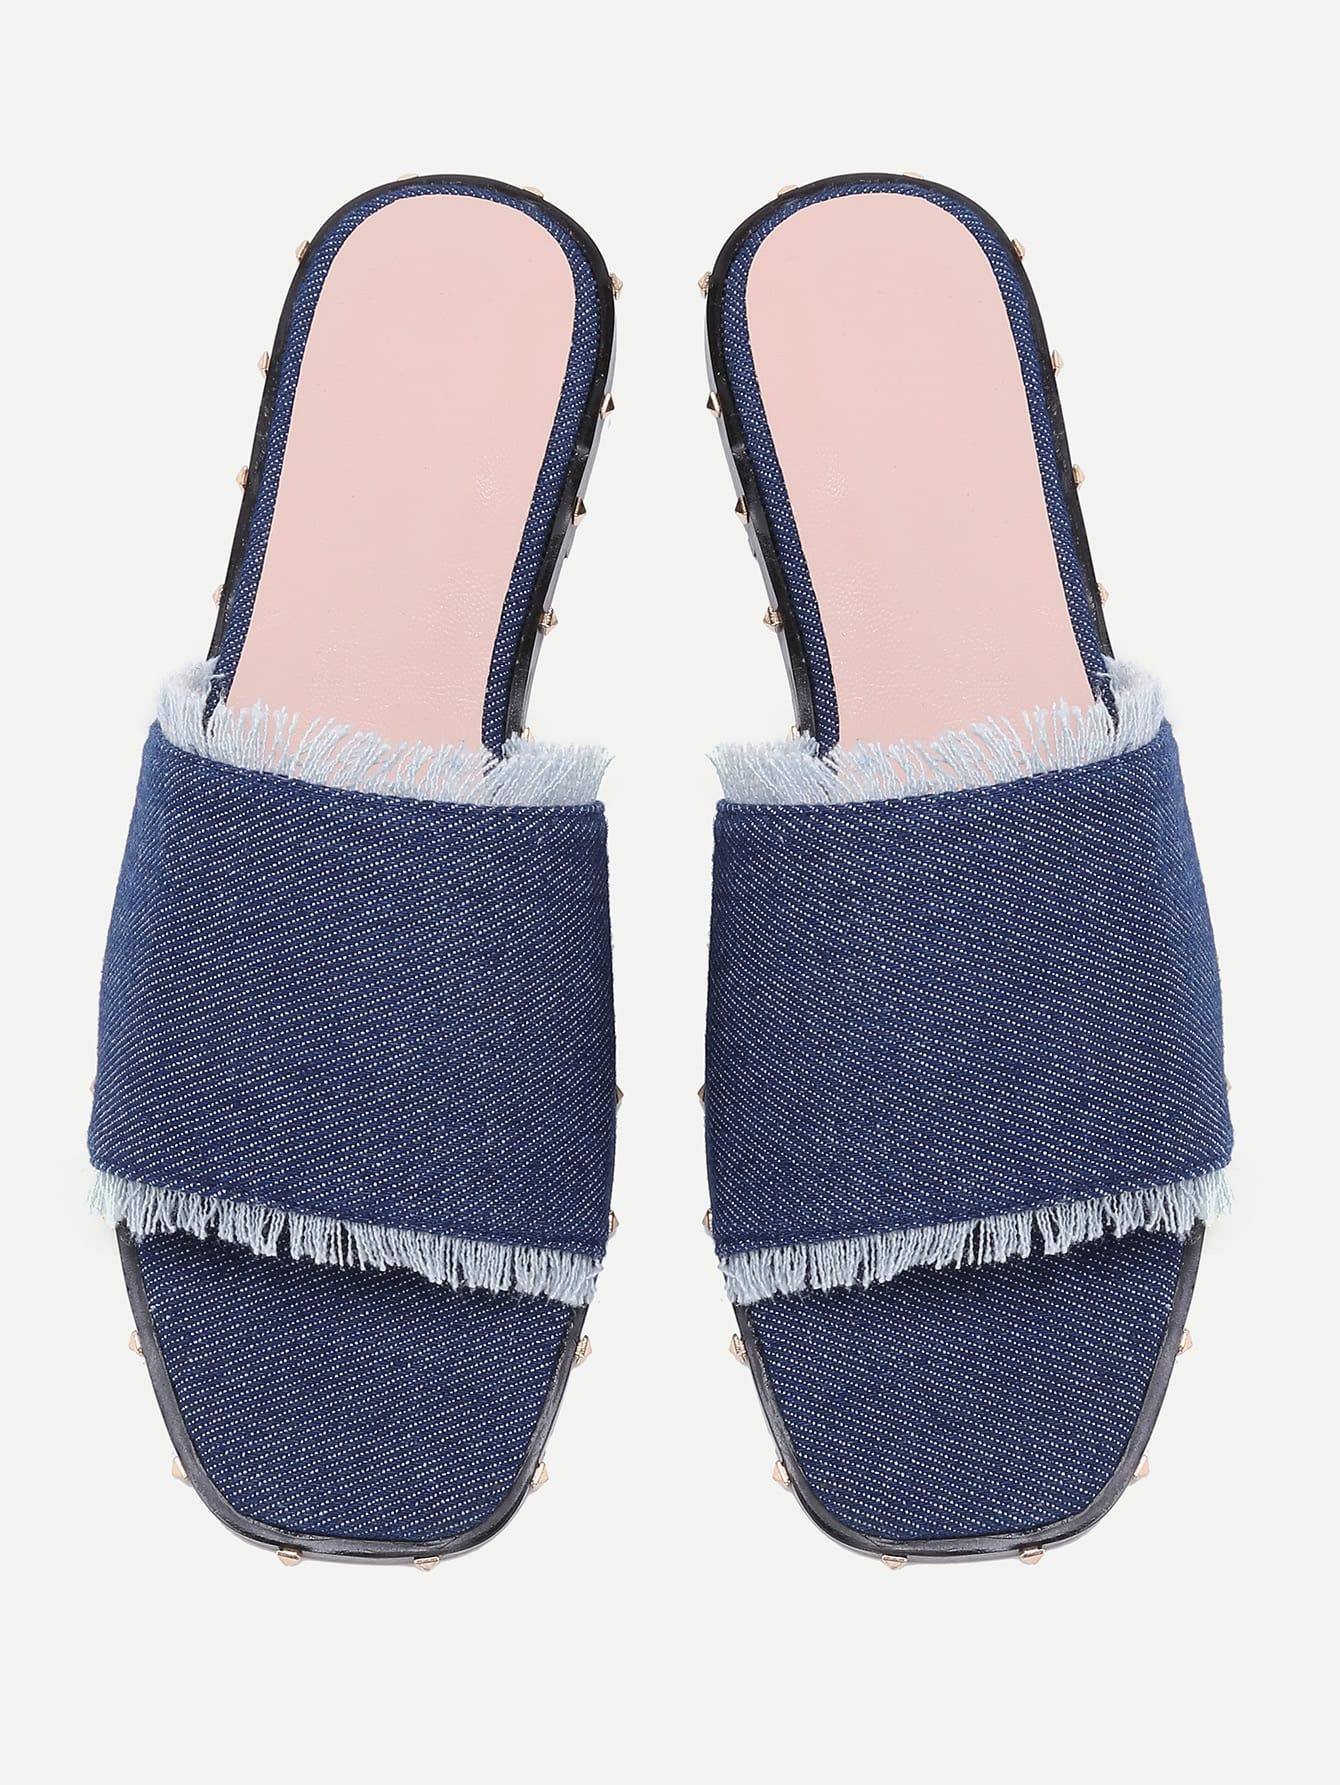 shoes170508809_2